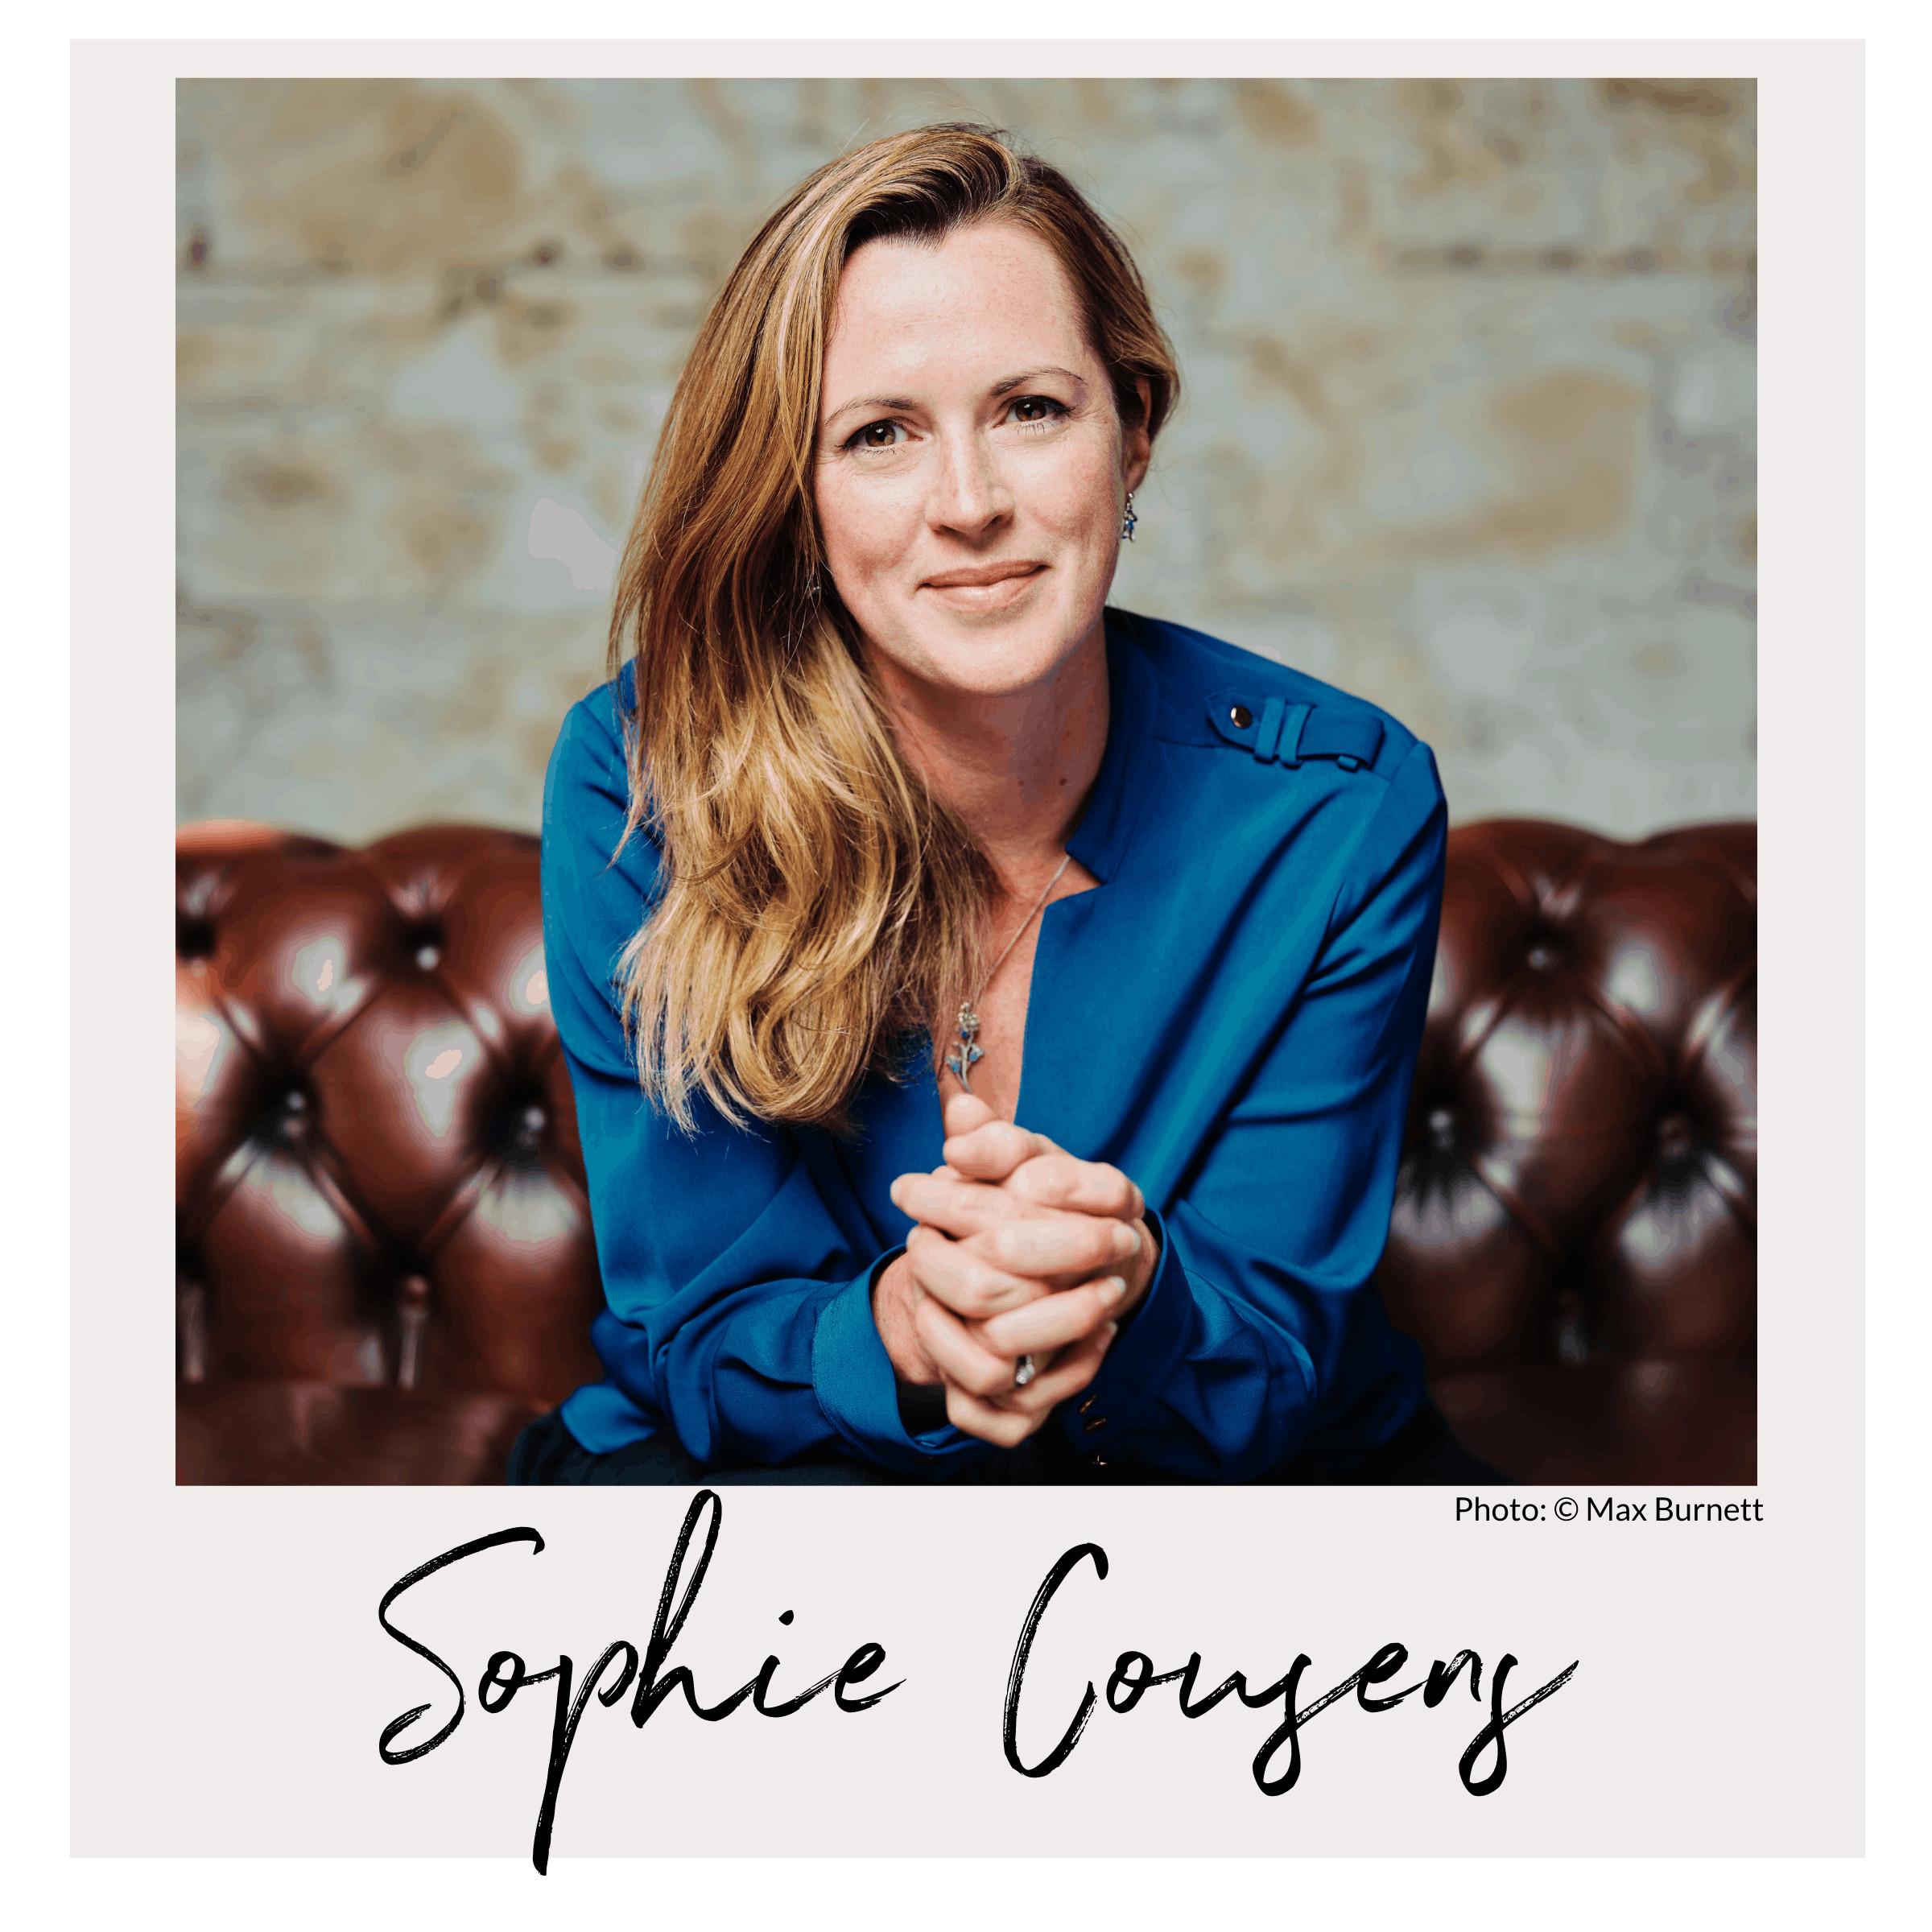 meet author Sophie Cousens